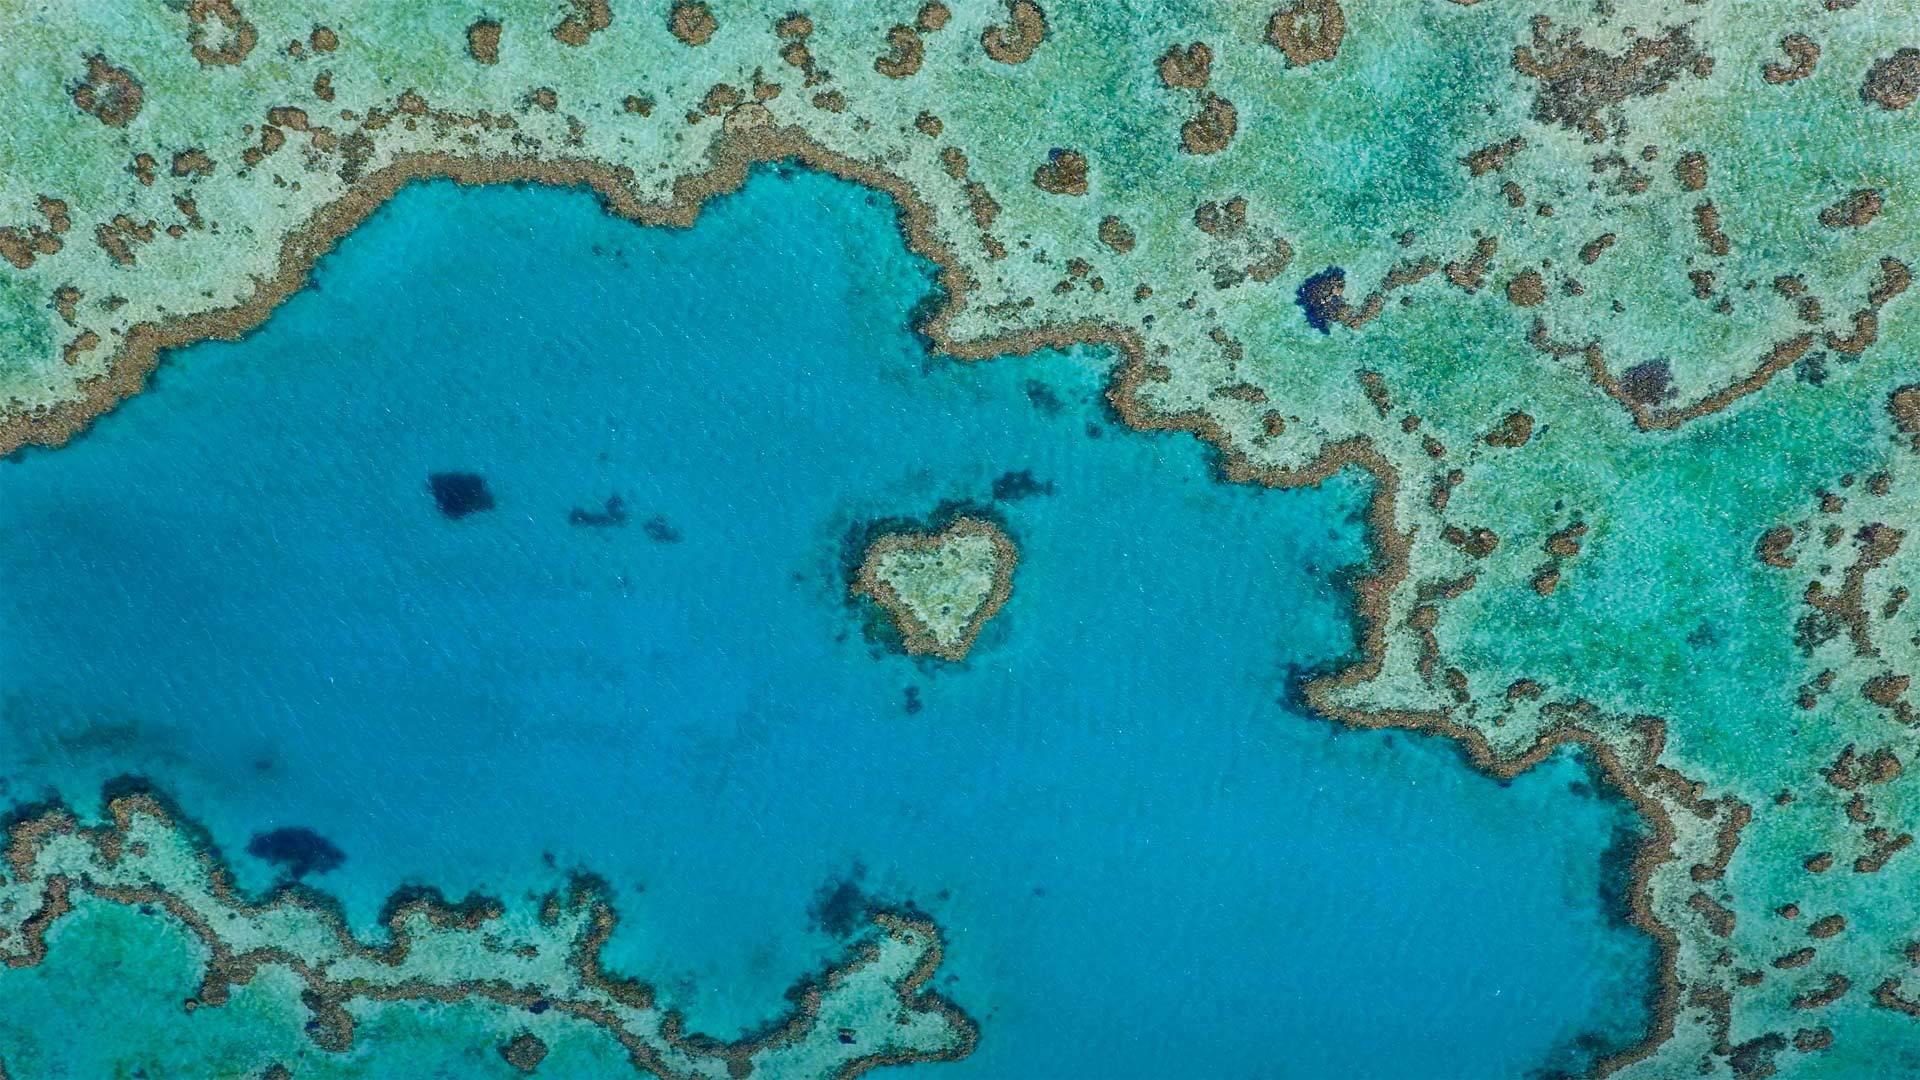 属于大堡礁的一部分的心形礁心形礁